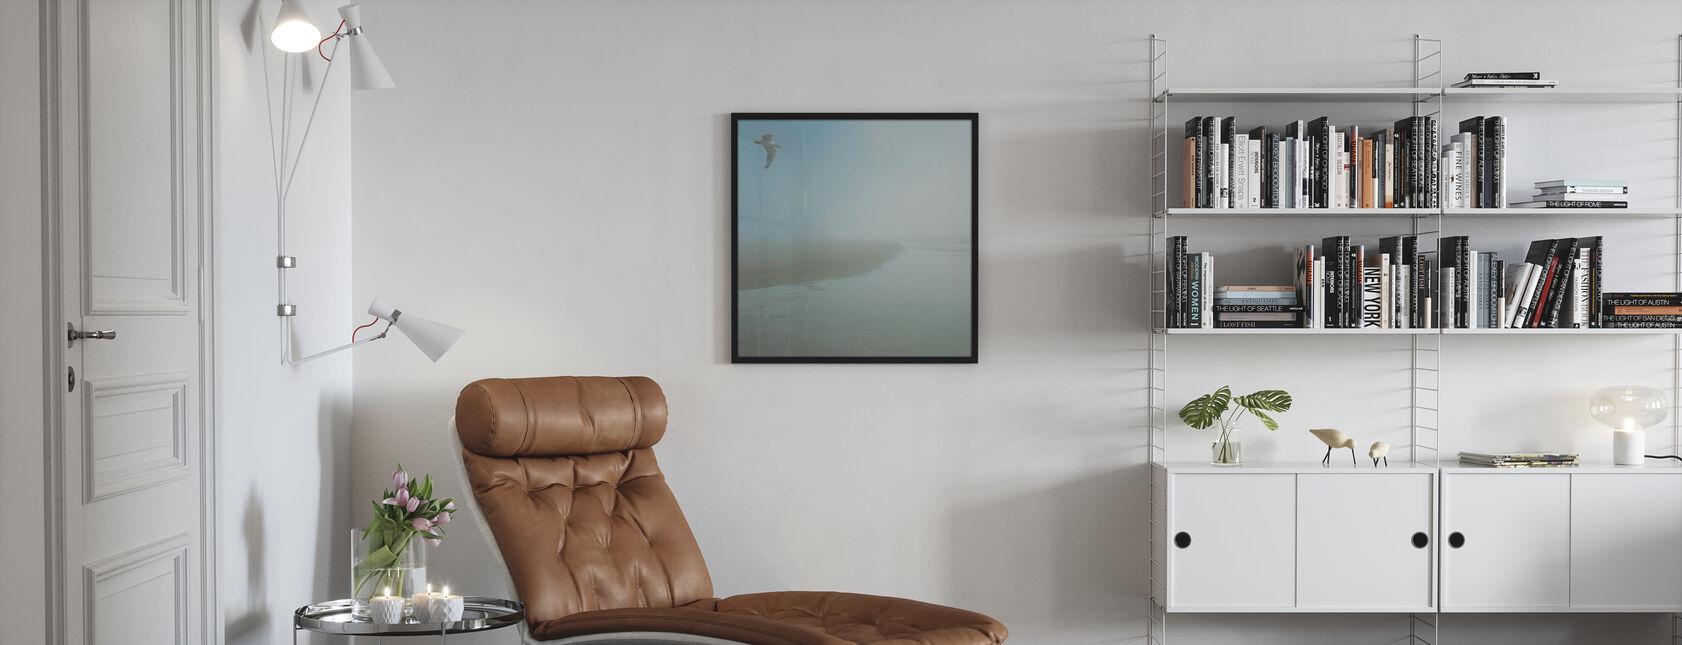 Seagull Morning - Poster - Living Room